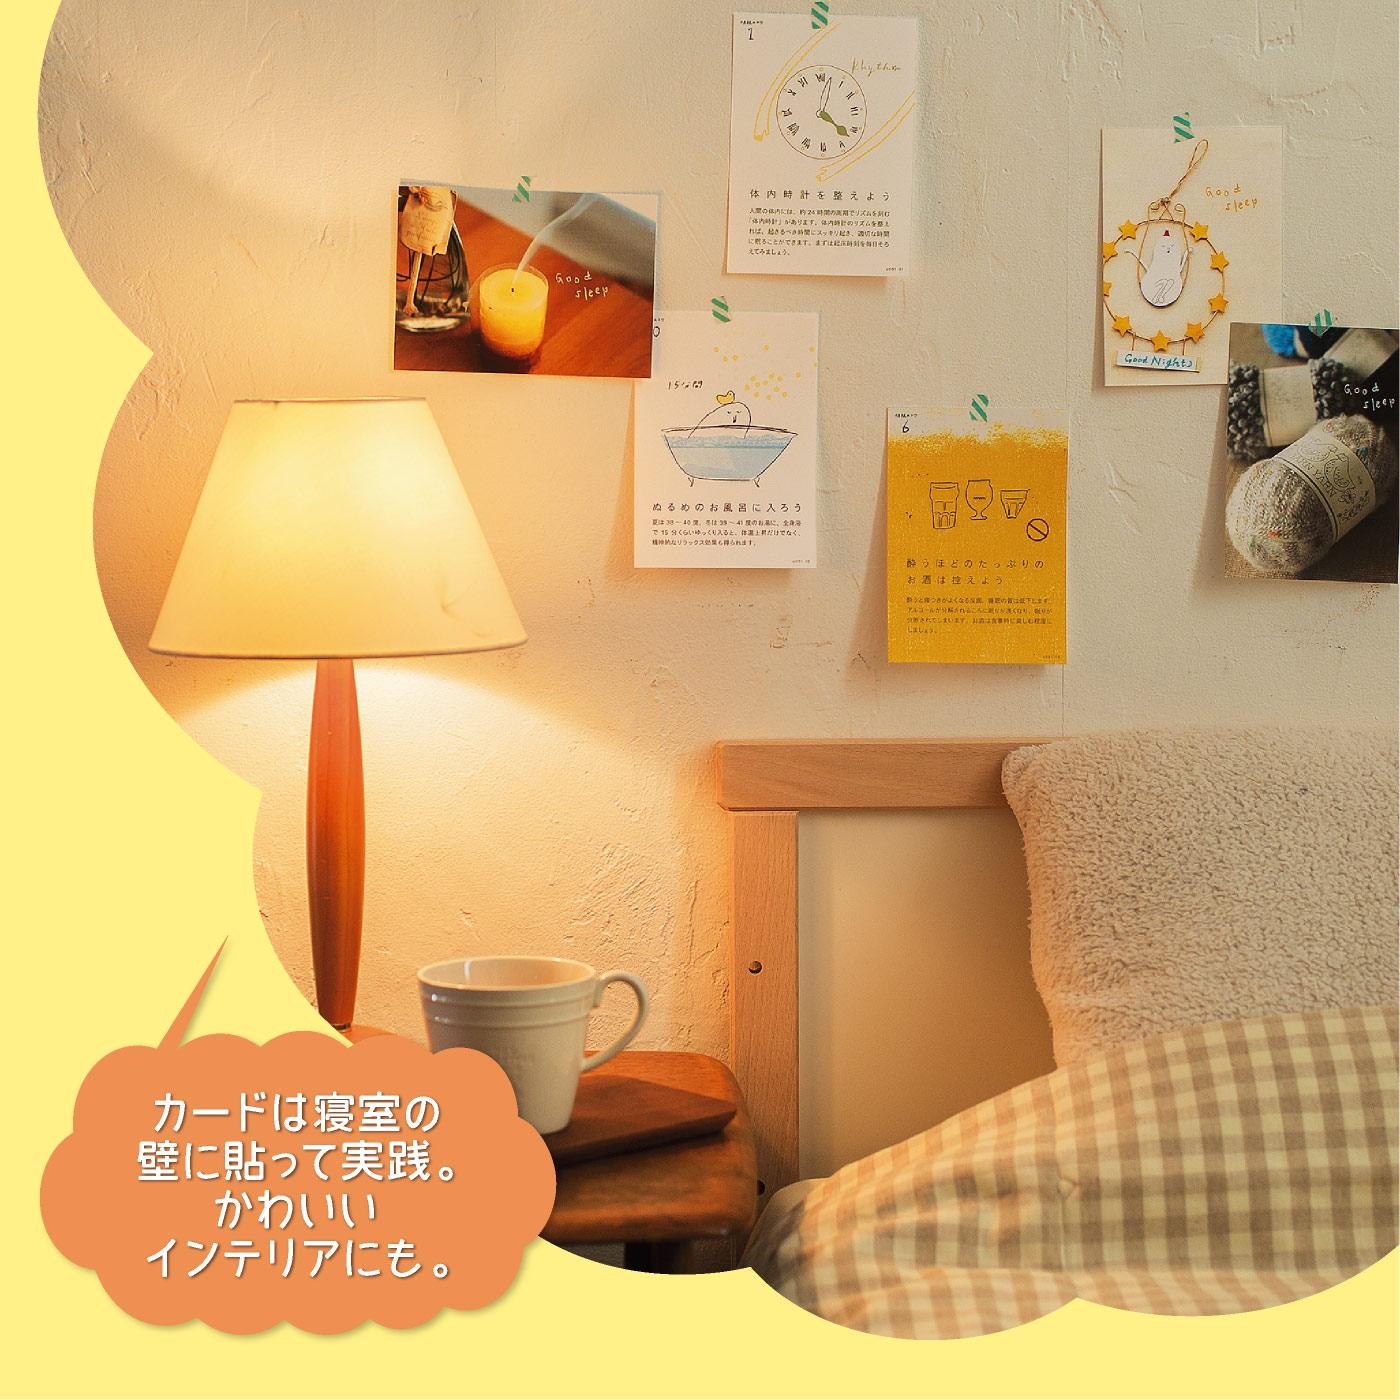 カードは寝室の壁に貼って実践。かわいいインテリアにも。